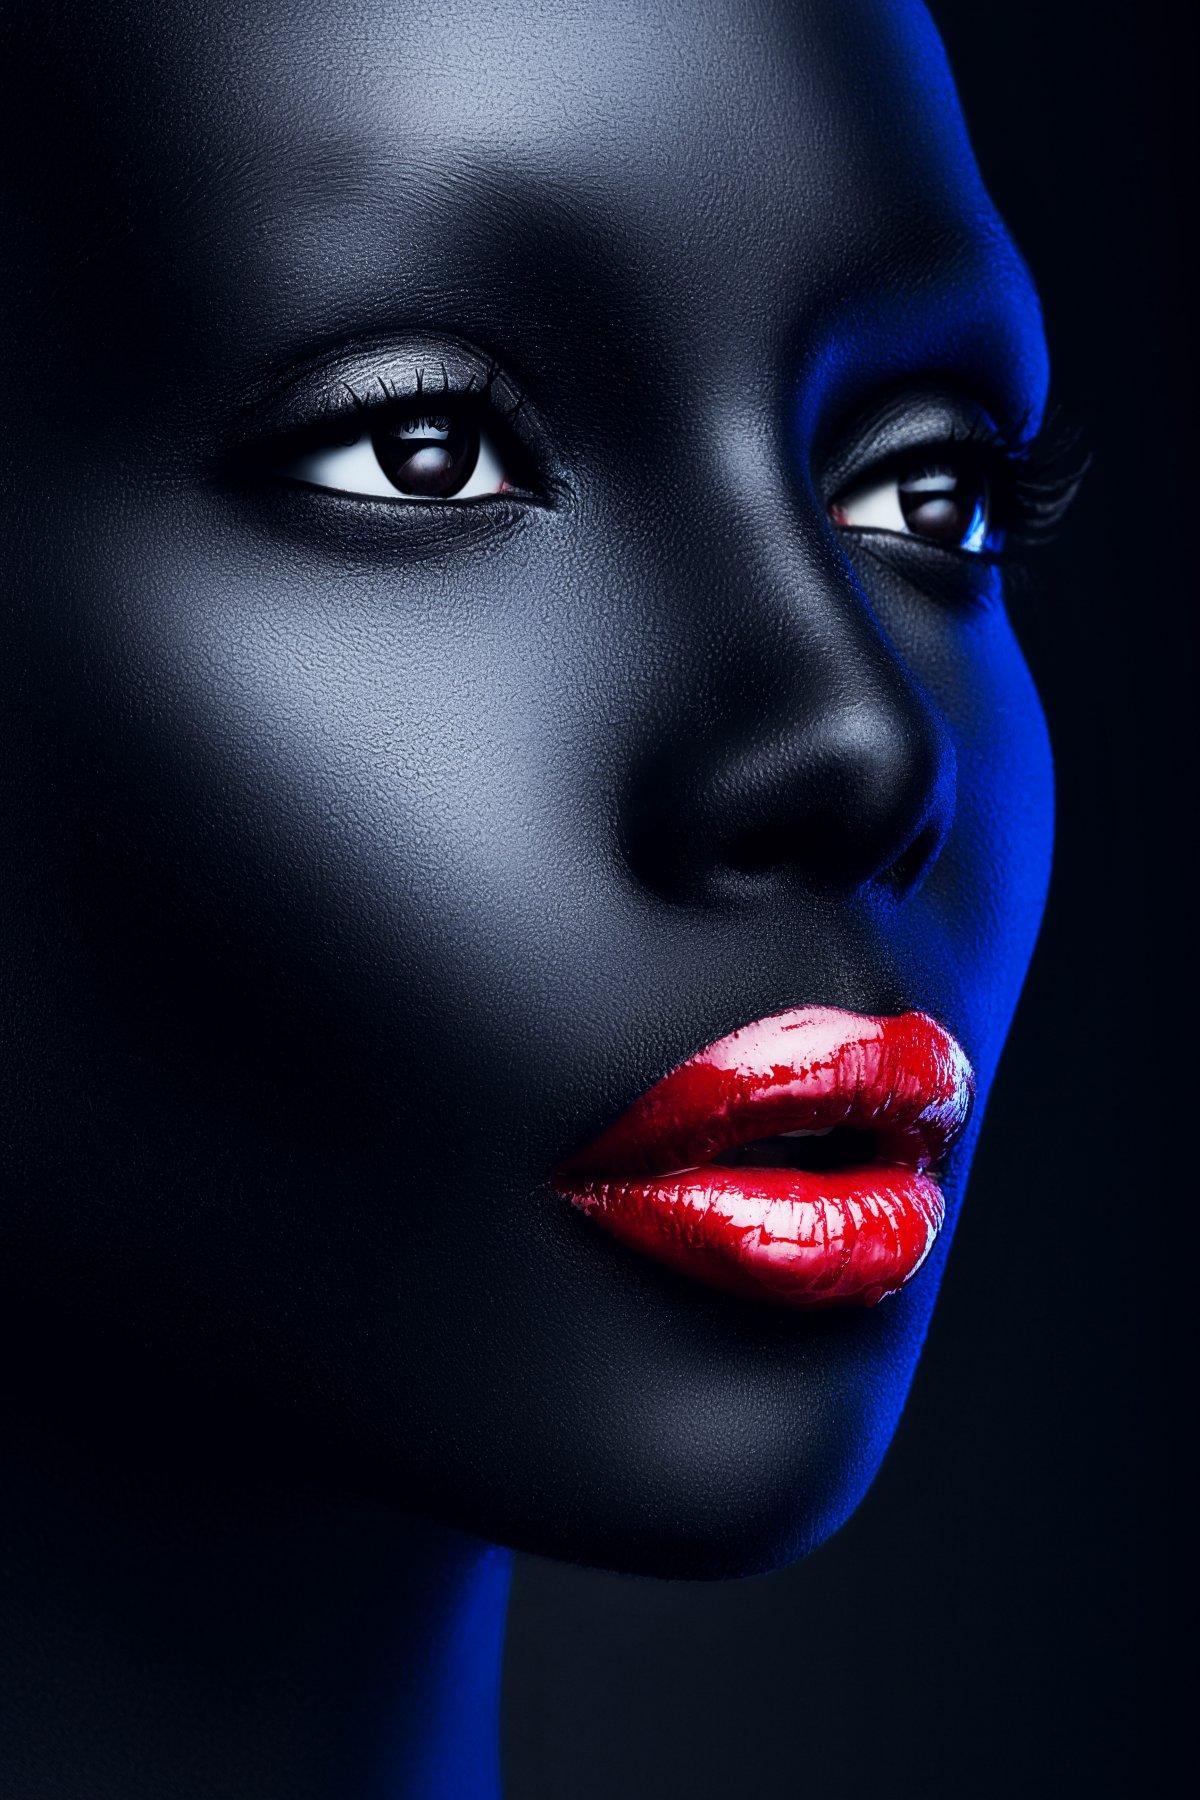 Красивое женское лицо и красные губы будут приковывать взгляд к Вашему панно напечатанному на качественном материале